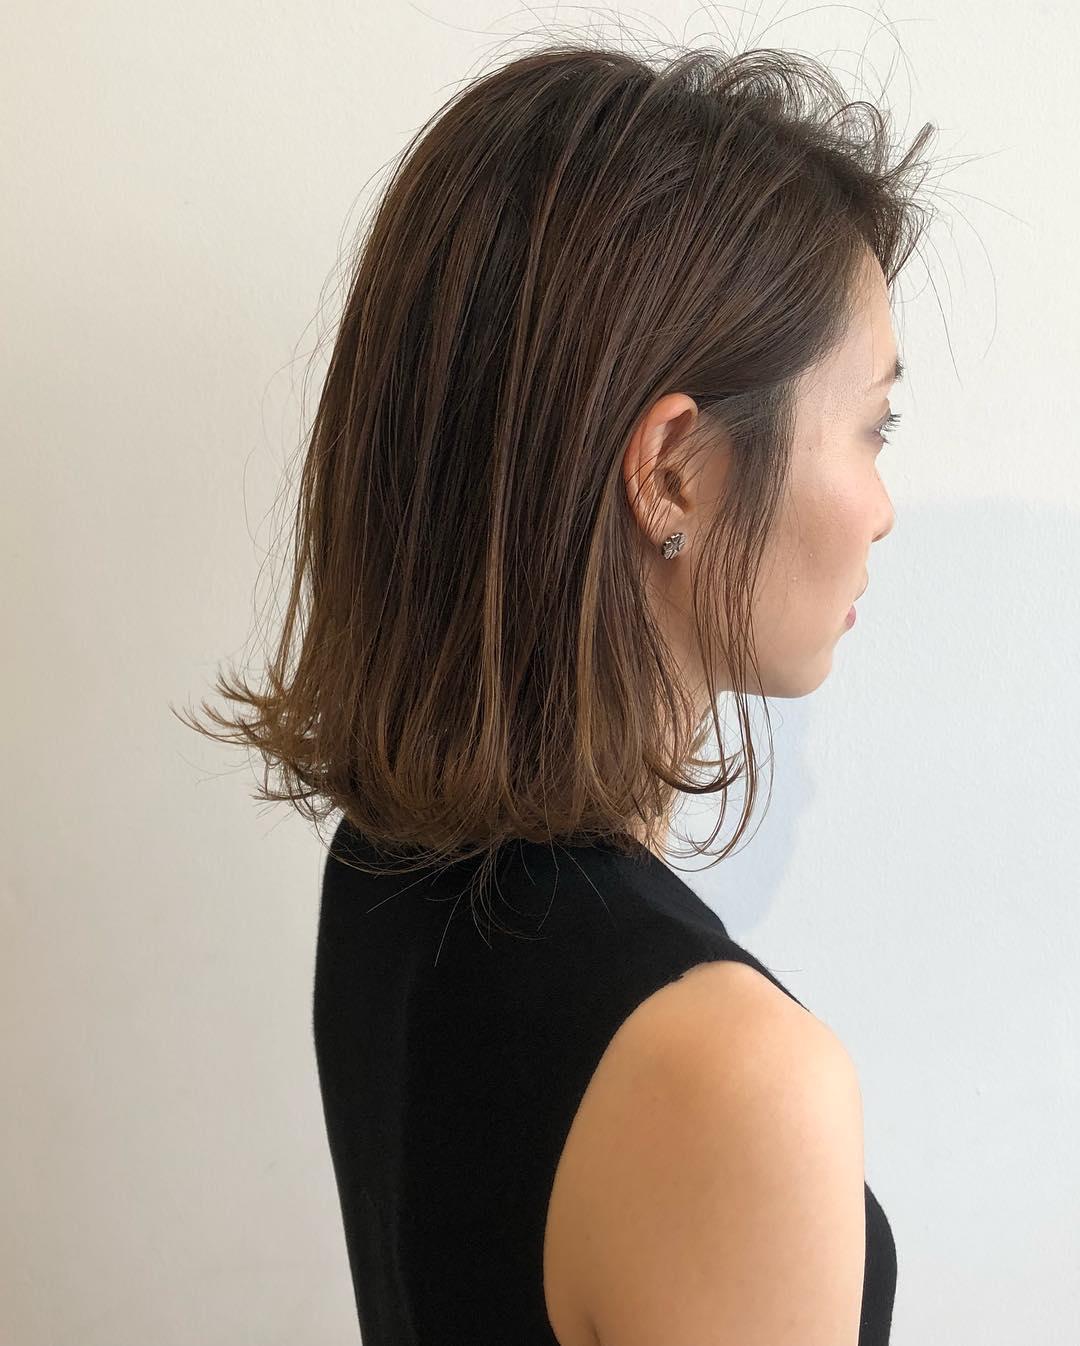 もう何年も同じ髪型…大人女子が挑戦しやすいイメチェンヘアスタイル10